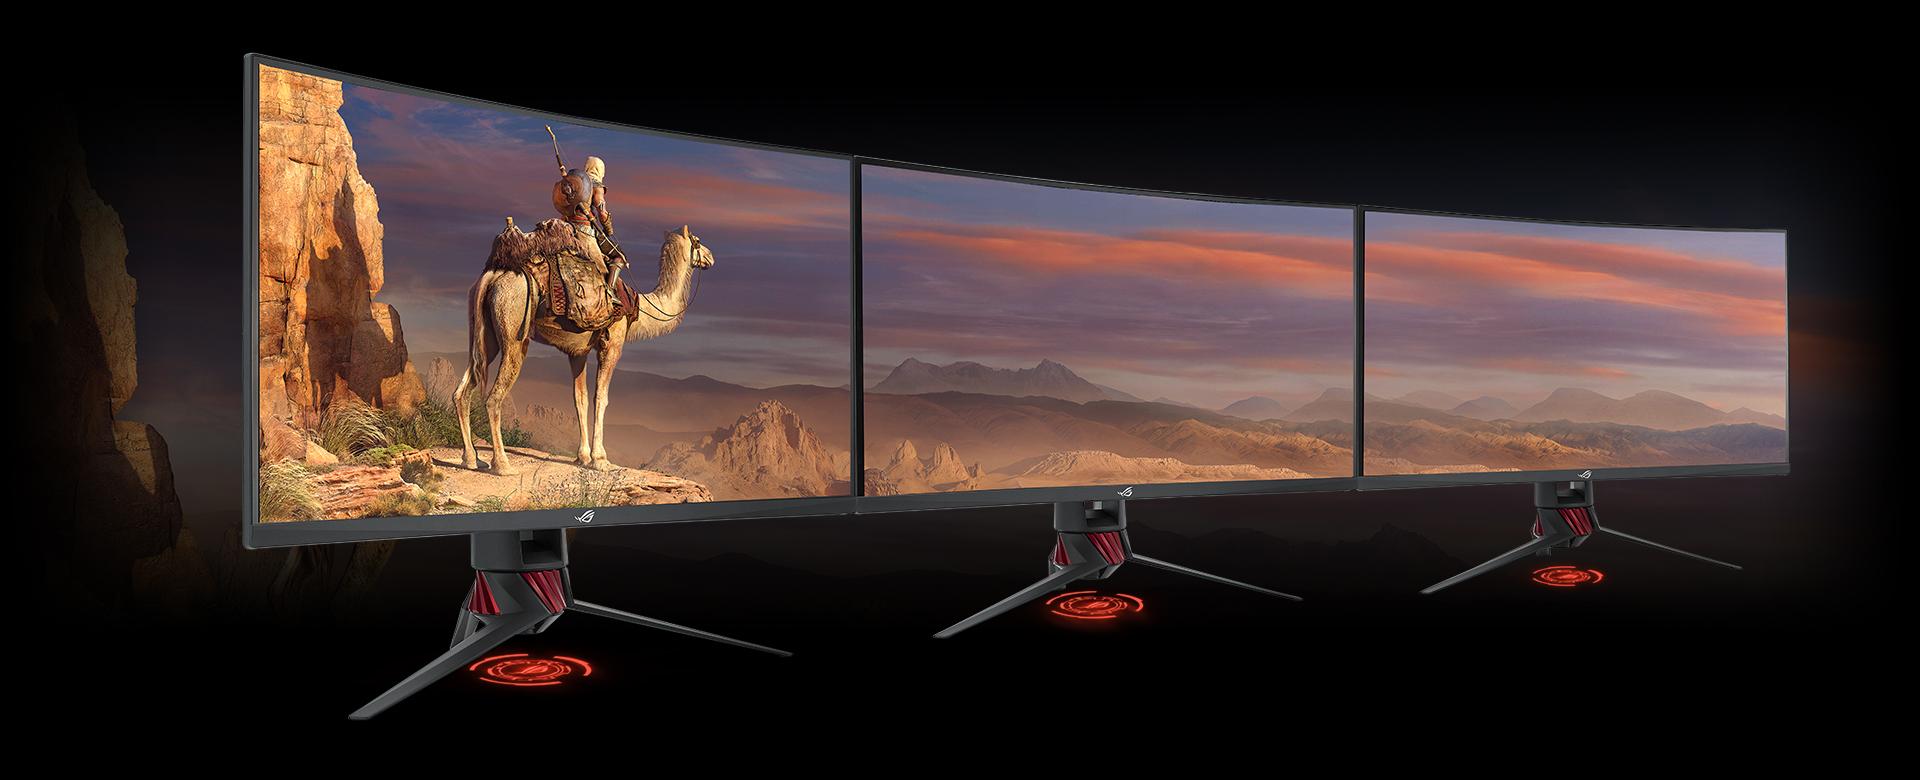 Rog Strix Xg32vq Monitores Asus Portugal Mg279q Gaming Monitor 27ampquot 2k Wqhd 2560 X 1440 Ips Up To 144hz Freesync Construa A Melhor Estao De Batalha E Desfrute Uma Envolvncia Completa